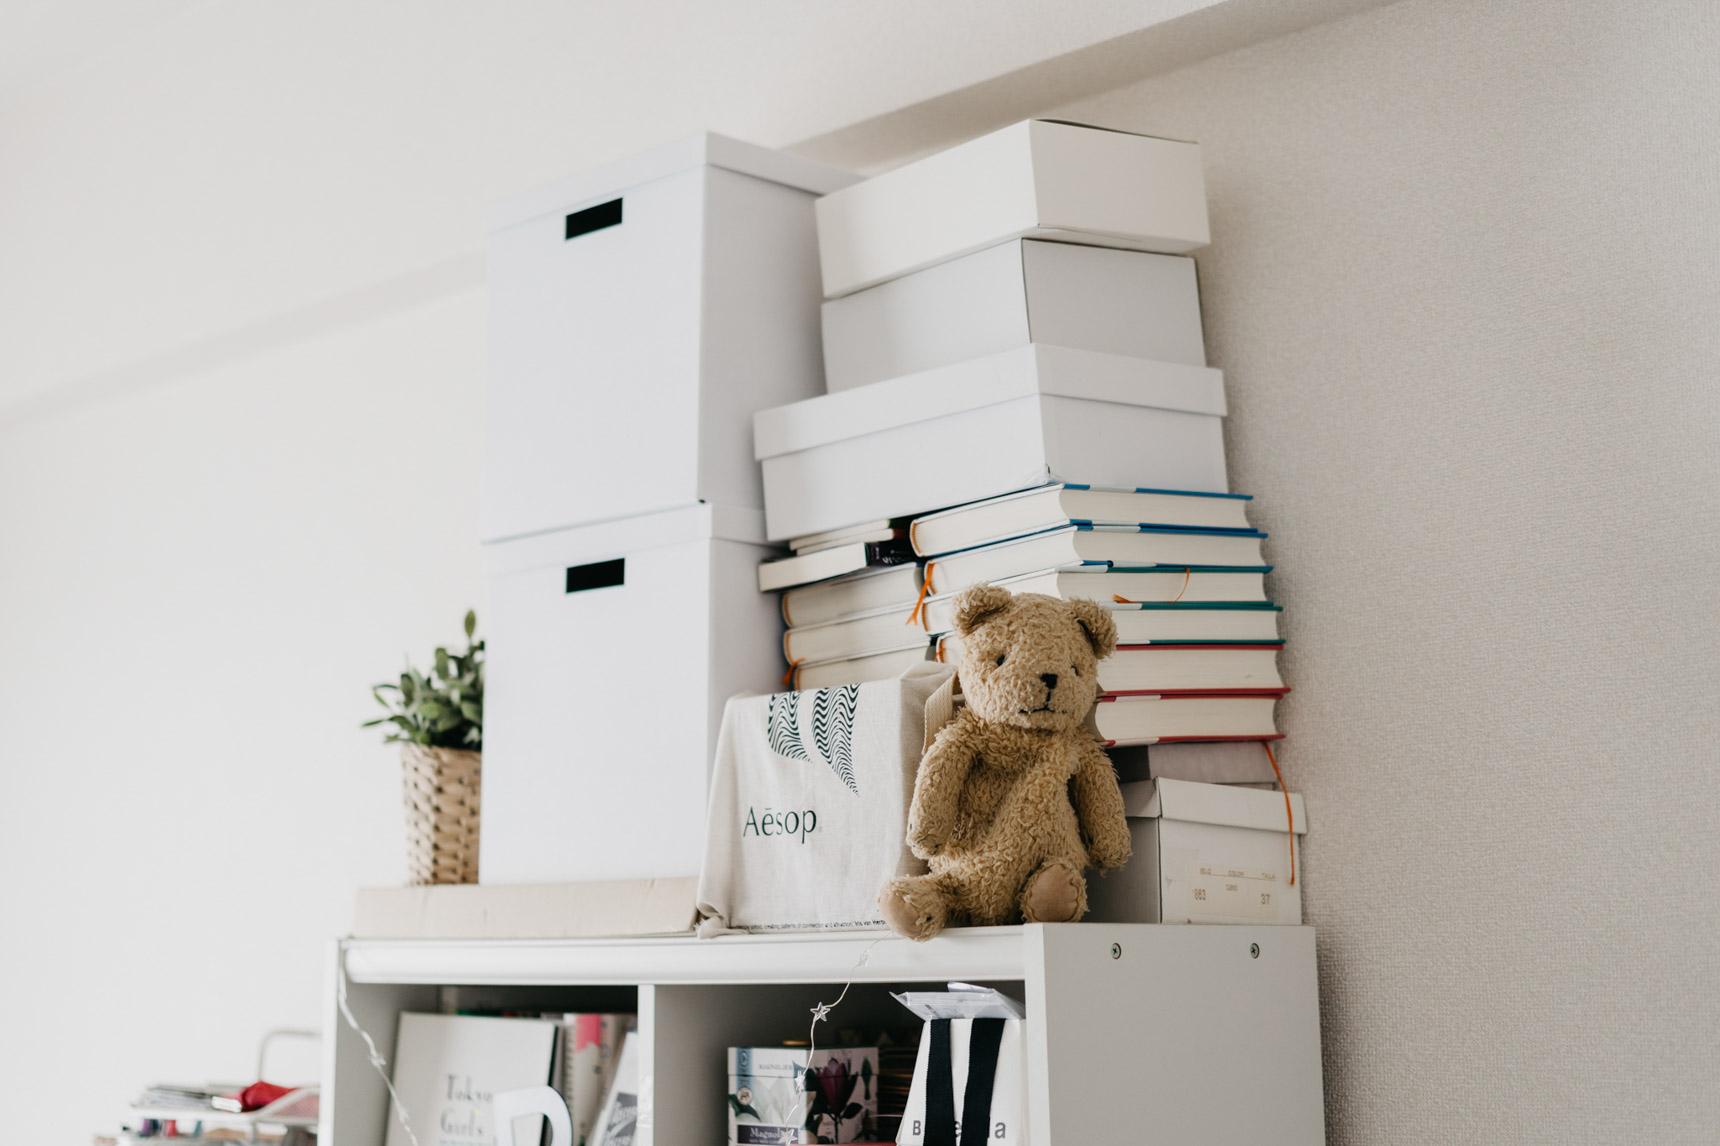 背の高い本棚も、白。天井の間のデッドスペースも見逃さず、「白いボックス」を使って活用しています。